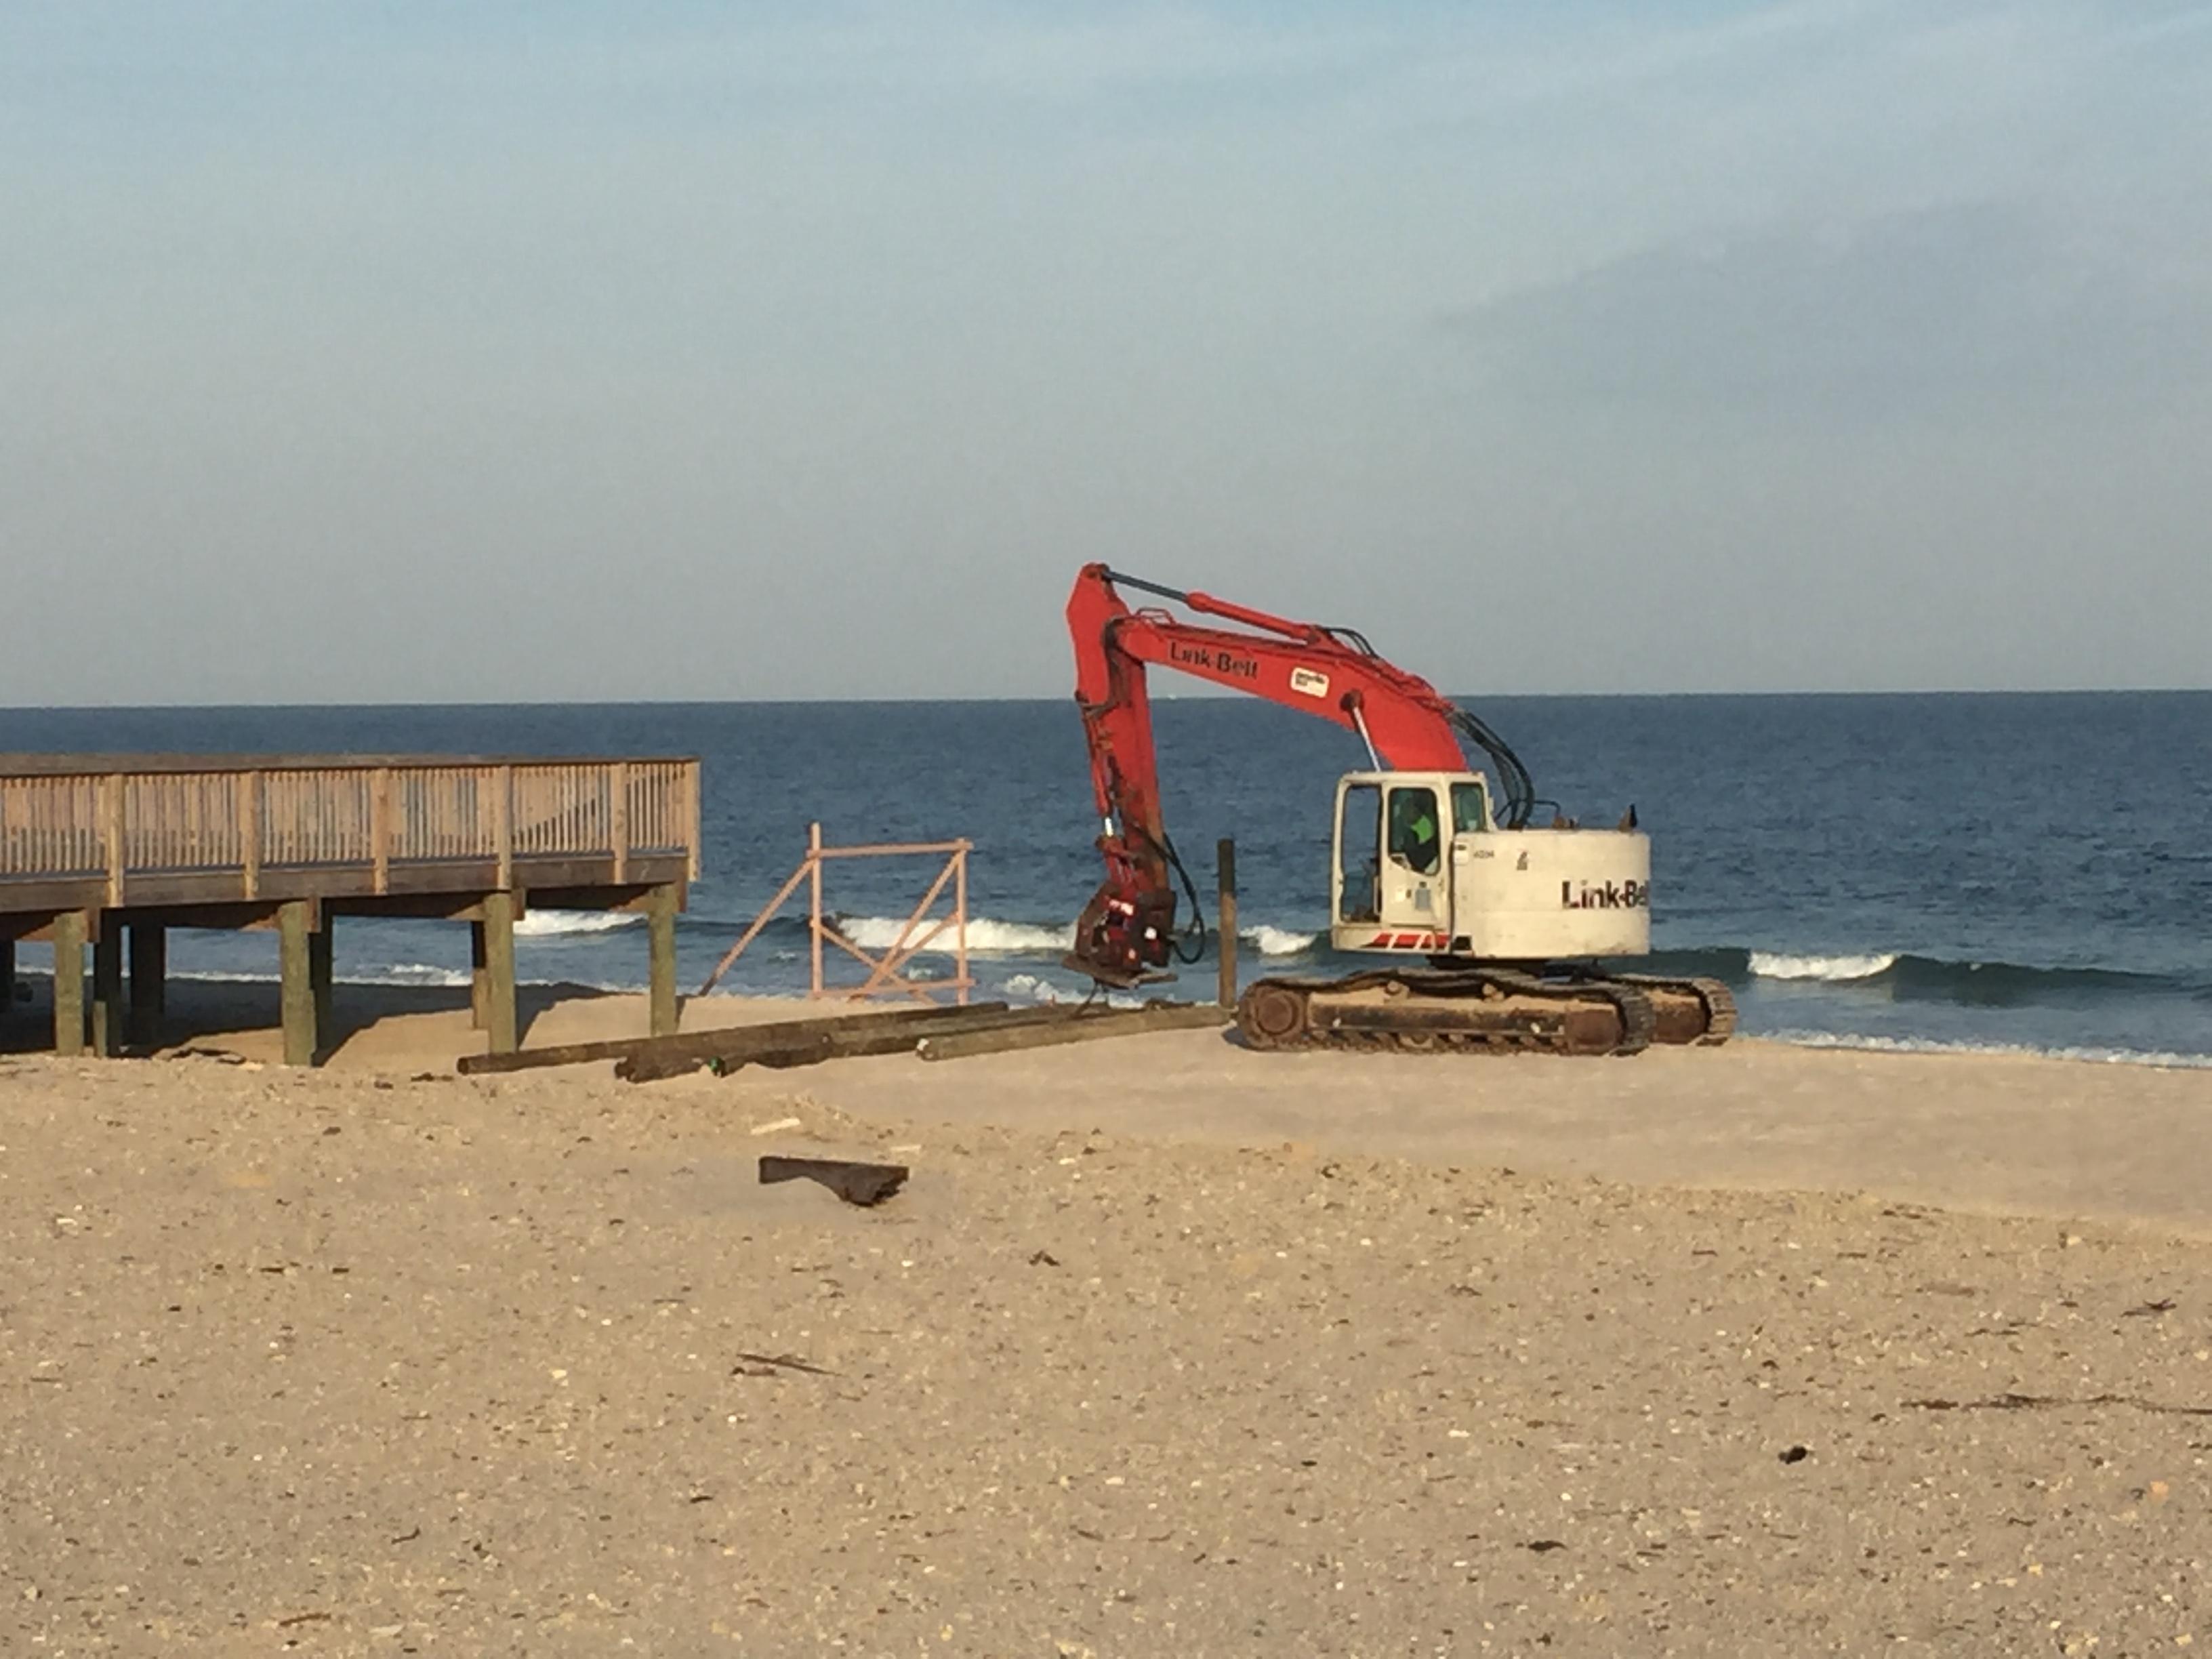 Construction on the Belle-Freeman property begins in Seaside Heights, N.J, Nov. 2, 2016. (Photo: Daniel Nee)